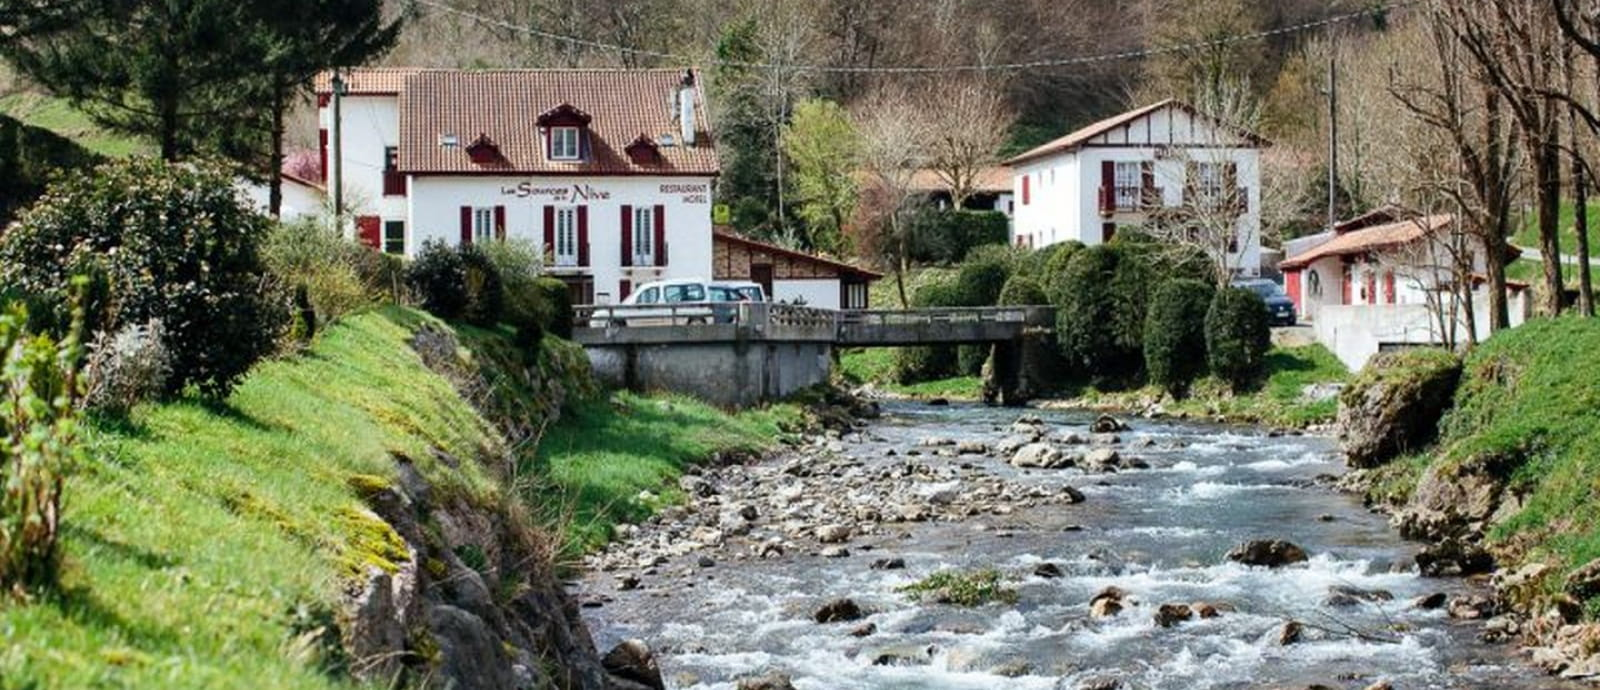 riviere Nive avec sur hôtel des sources de la nive - pays basque